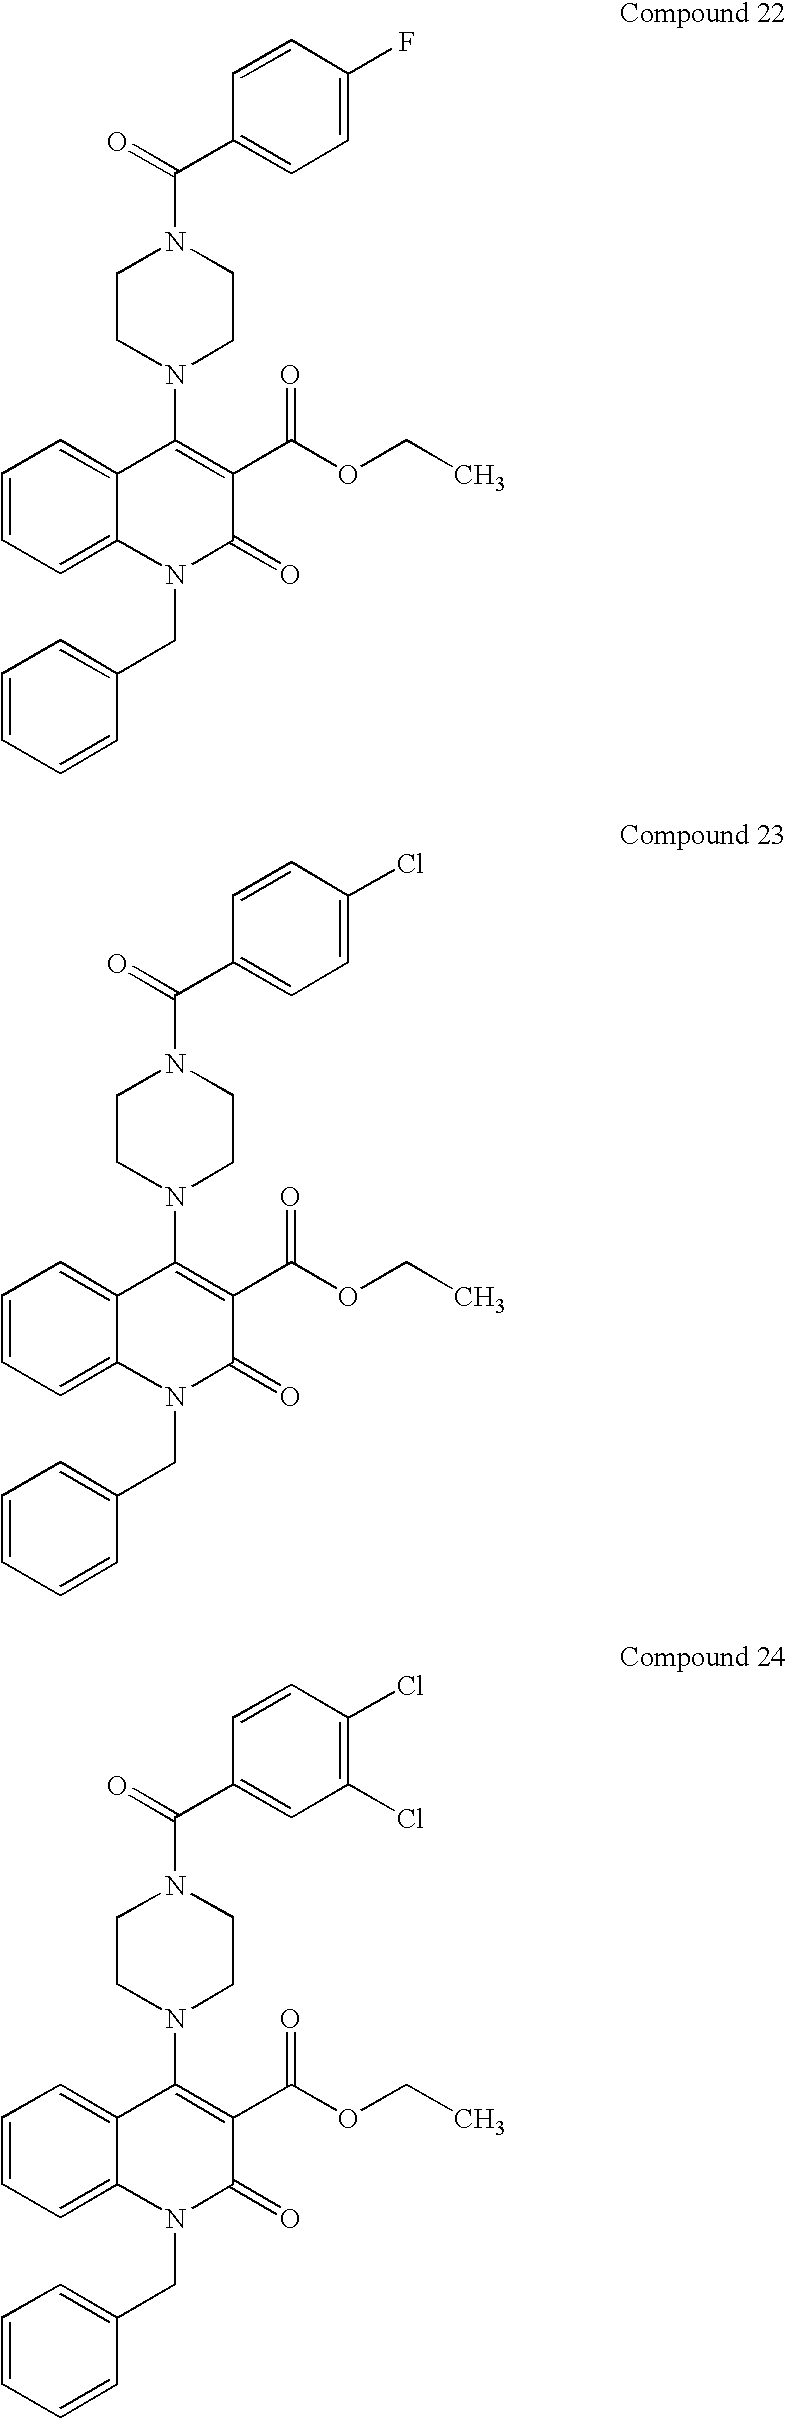 Figure US07230106-20070612-C00061